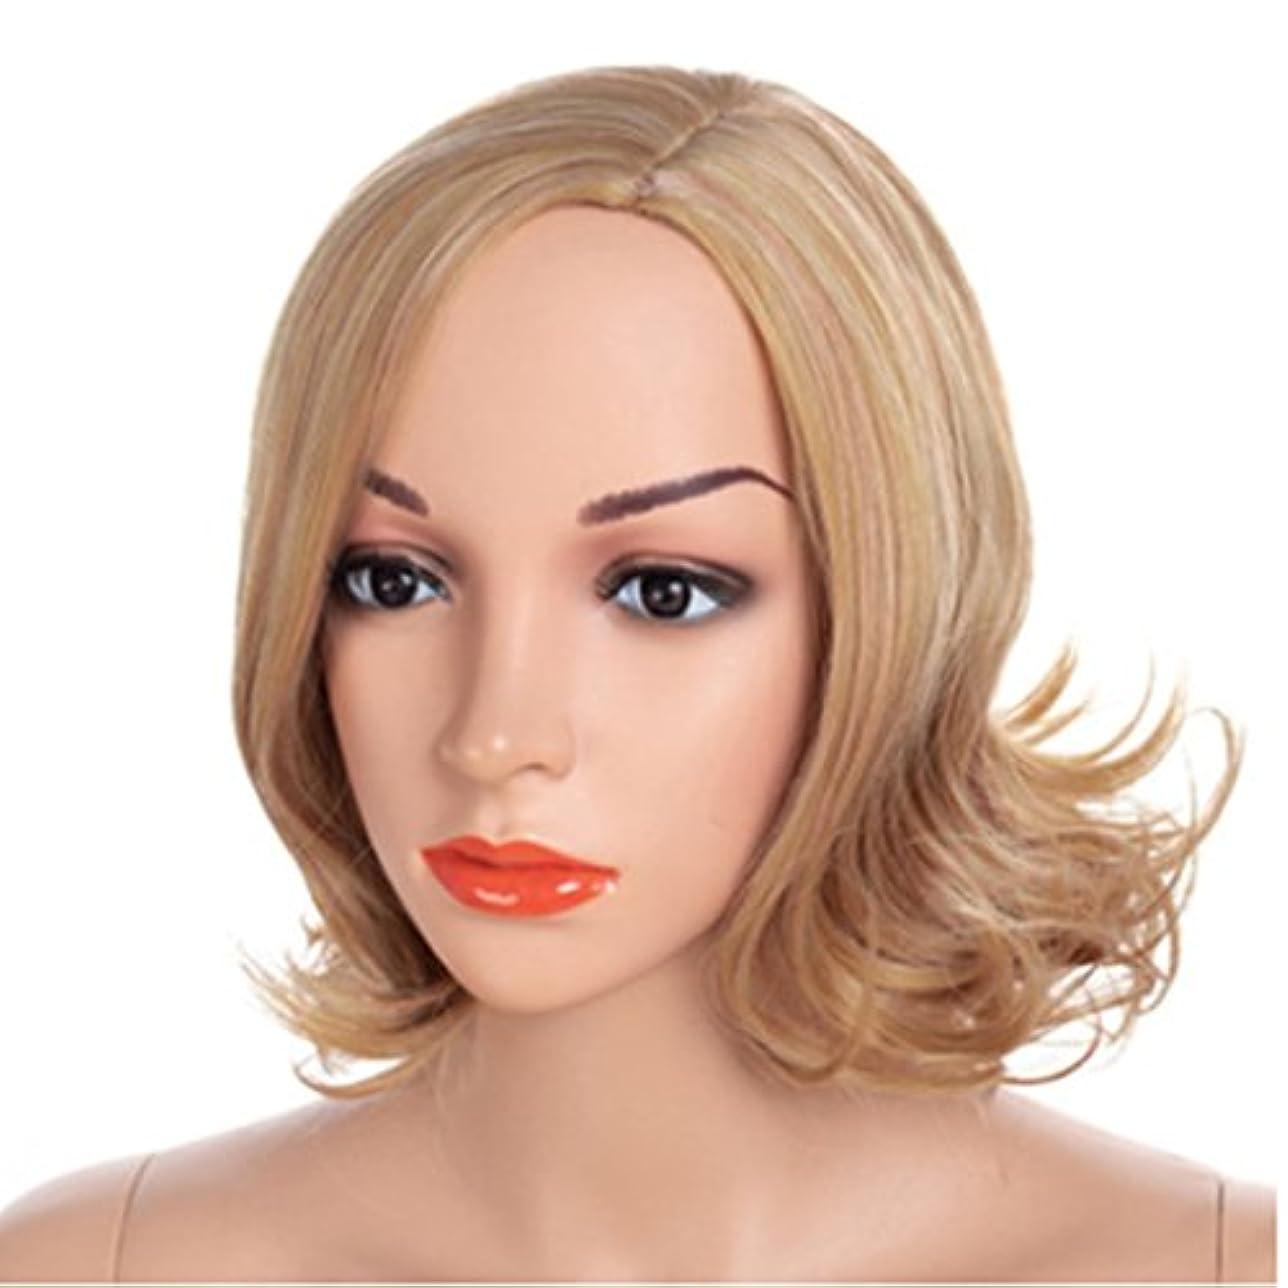 現実には残酷陽気なYOUQIU 顔ウィッグで変更することができ黄金の髪の色とAウィッグ髪型の40センチメートル女性のかつら髪型メッシー伐採 (色 : ゴールド)